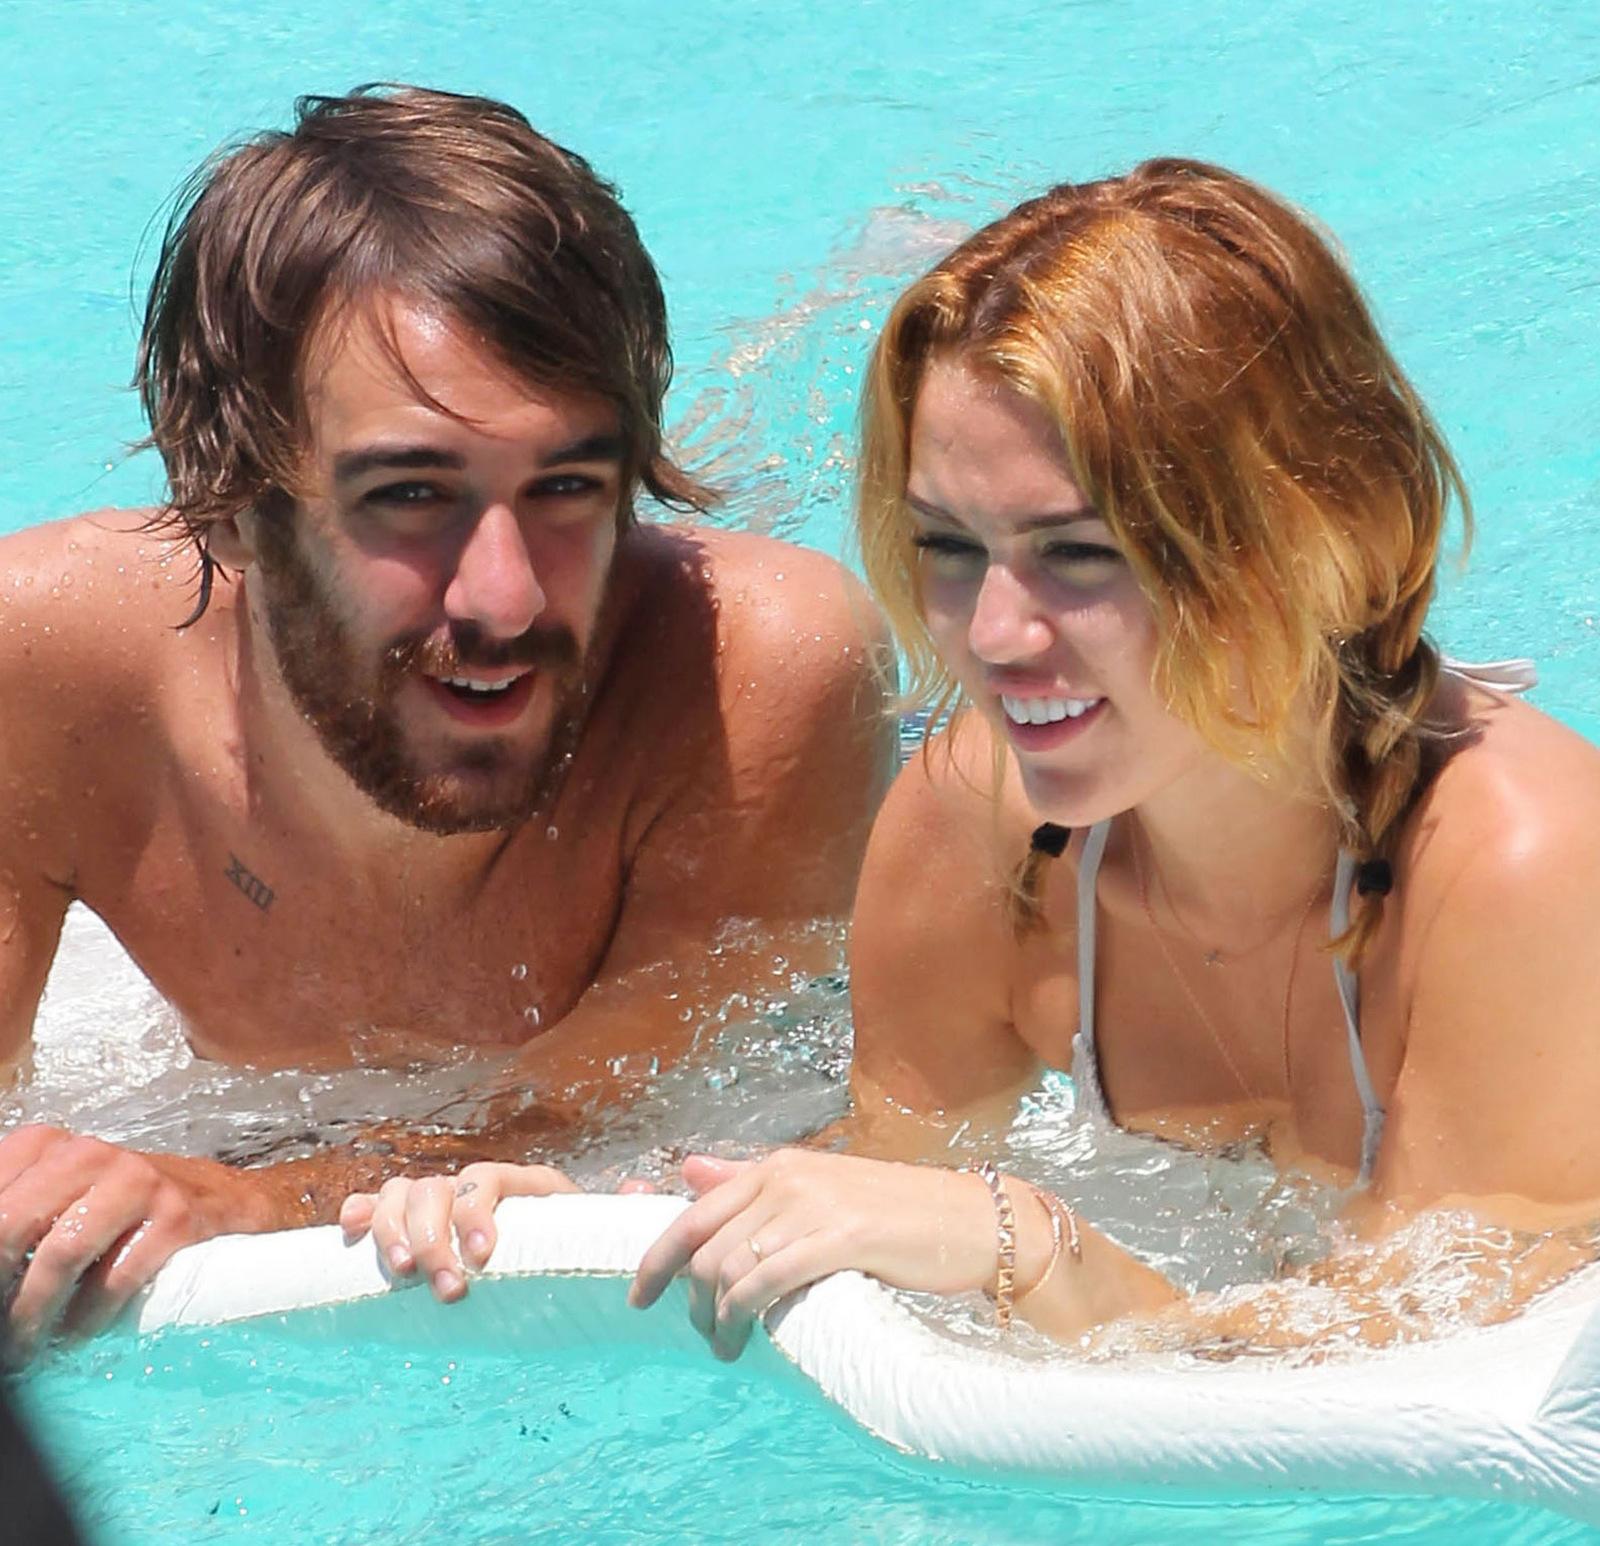 Miley Cyrus friend